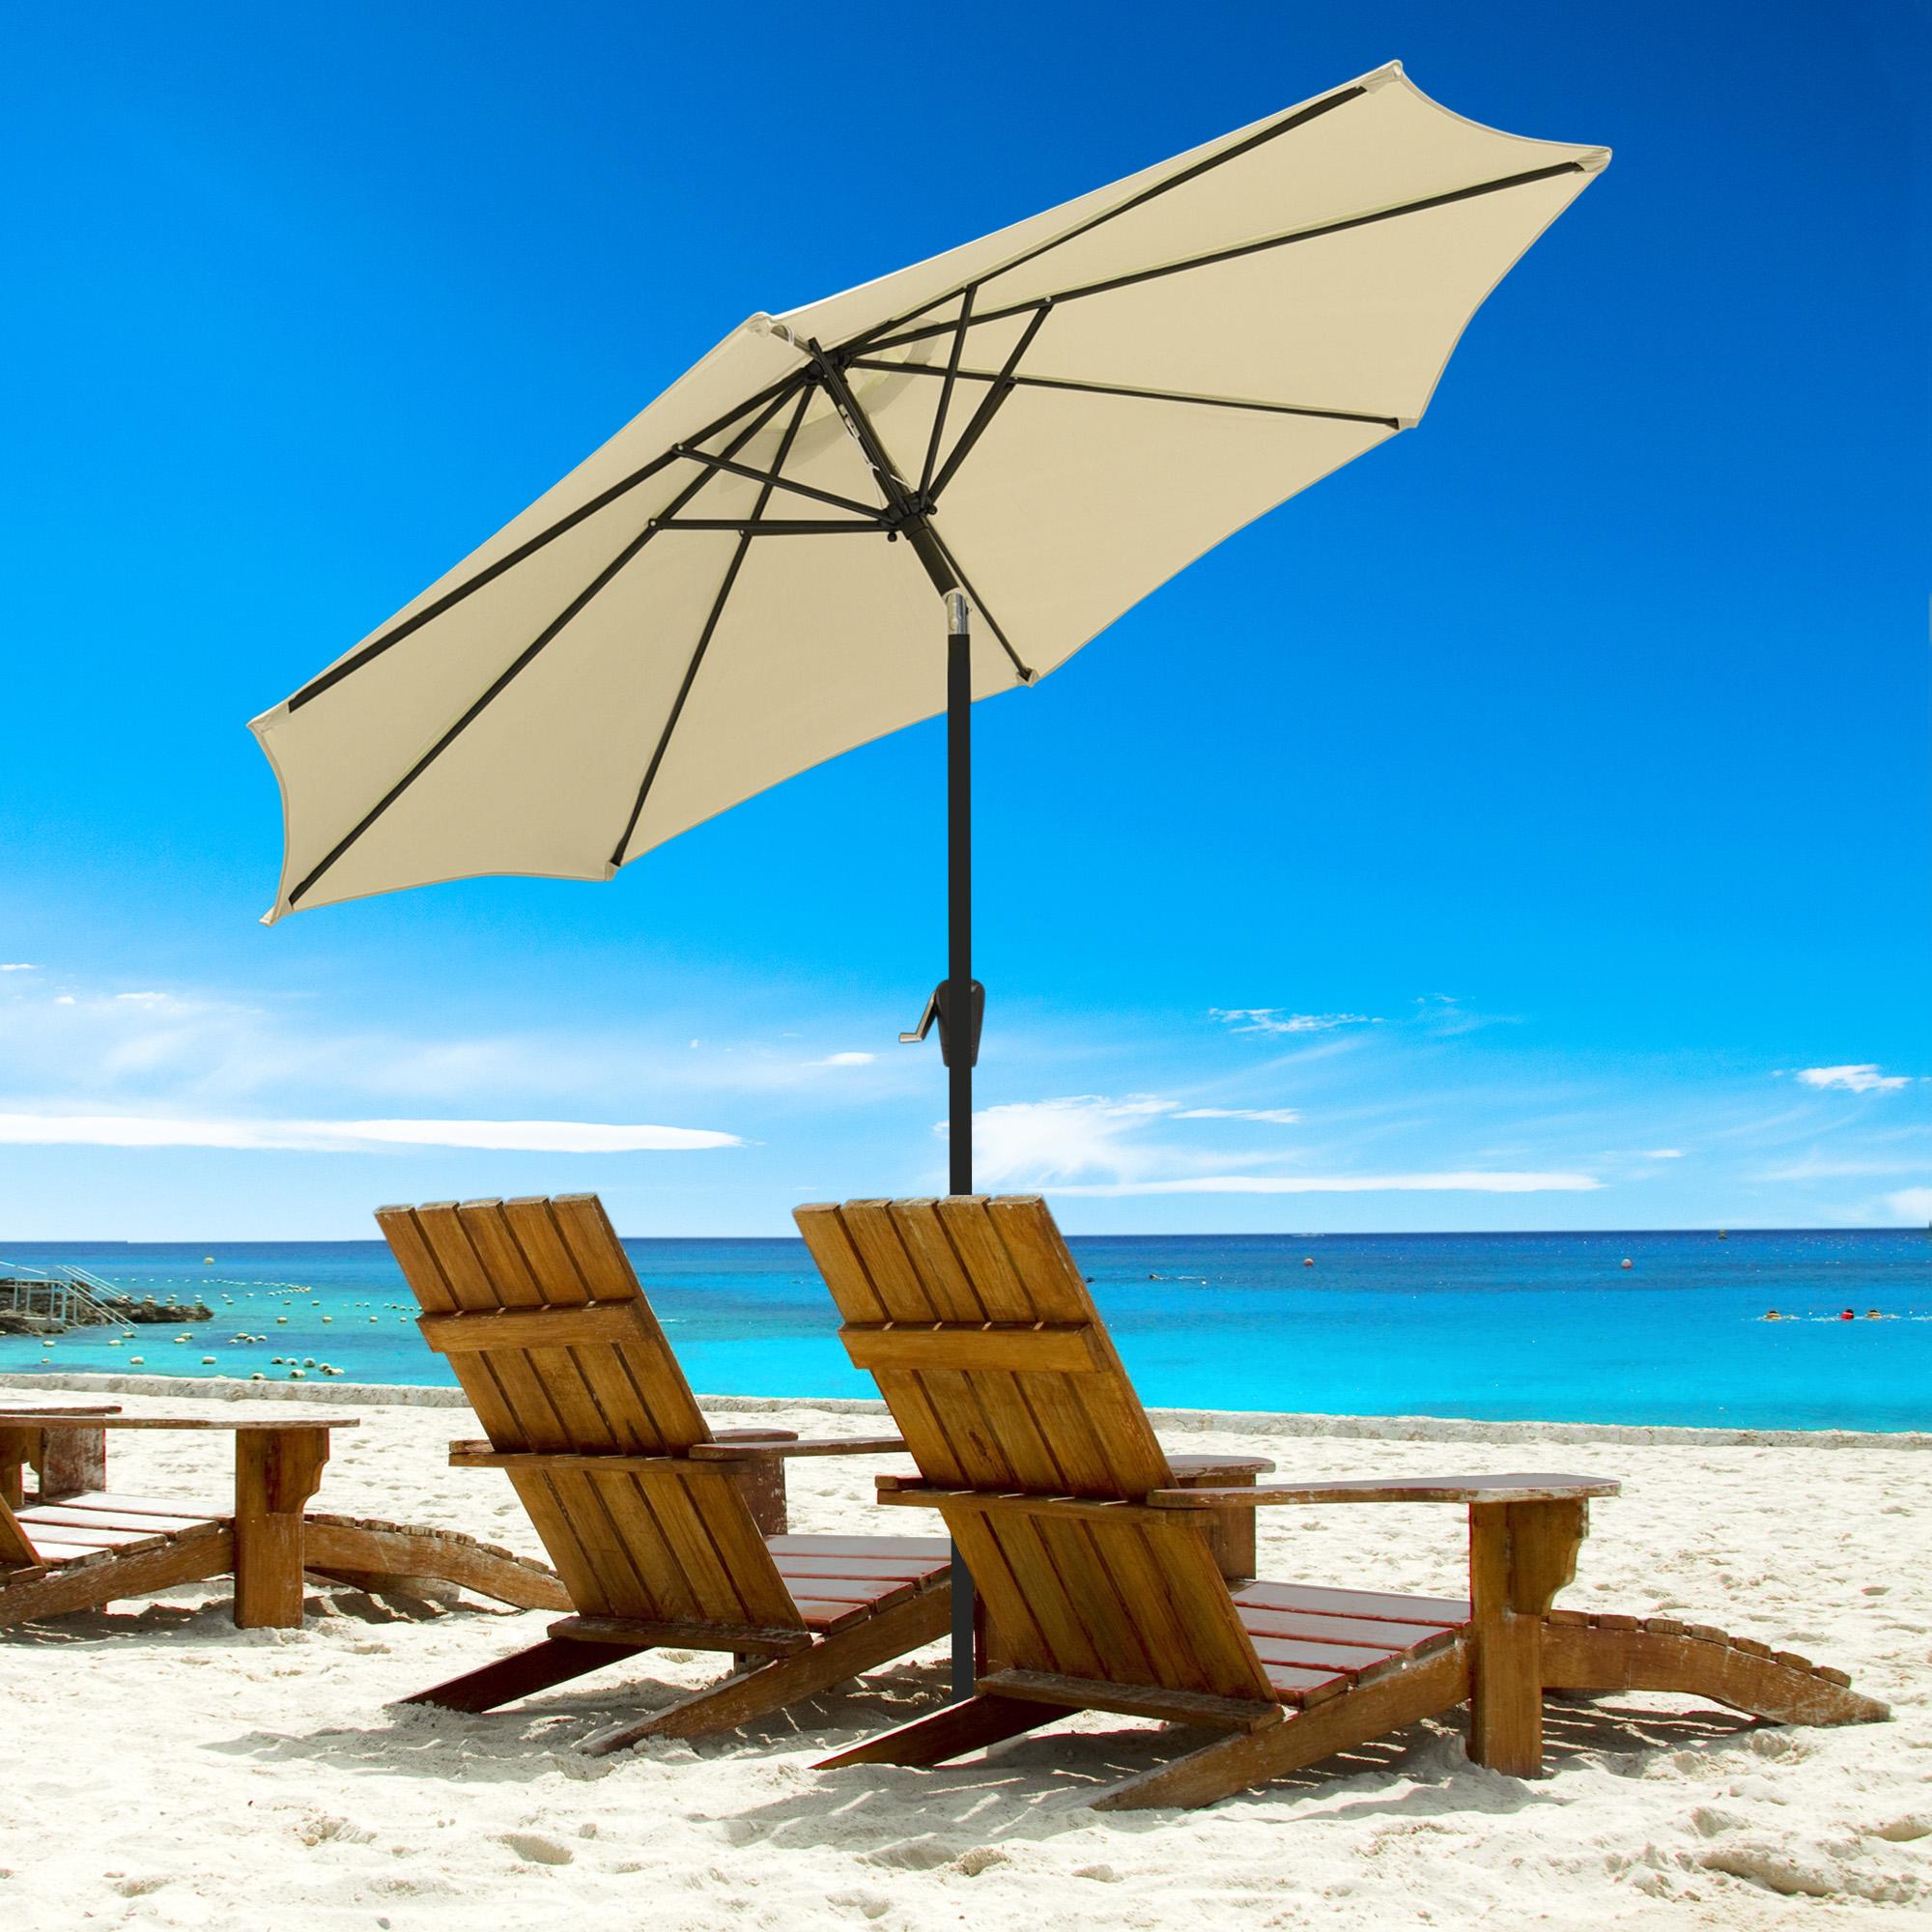 thumbnail 21 - 9' Outdoor Umbrella Patio 8 Ribs Market Garden Crank Tilt Beach Sunshade Parasol